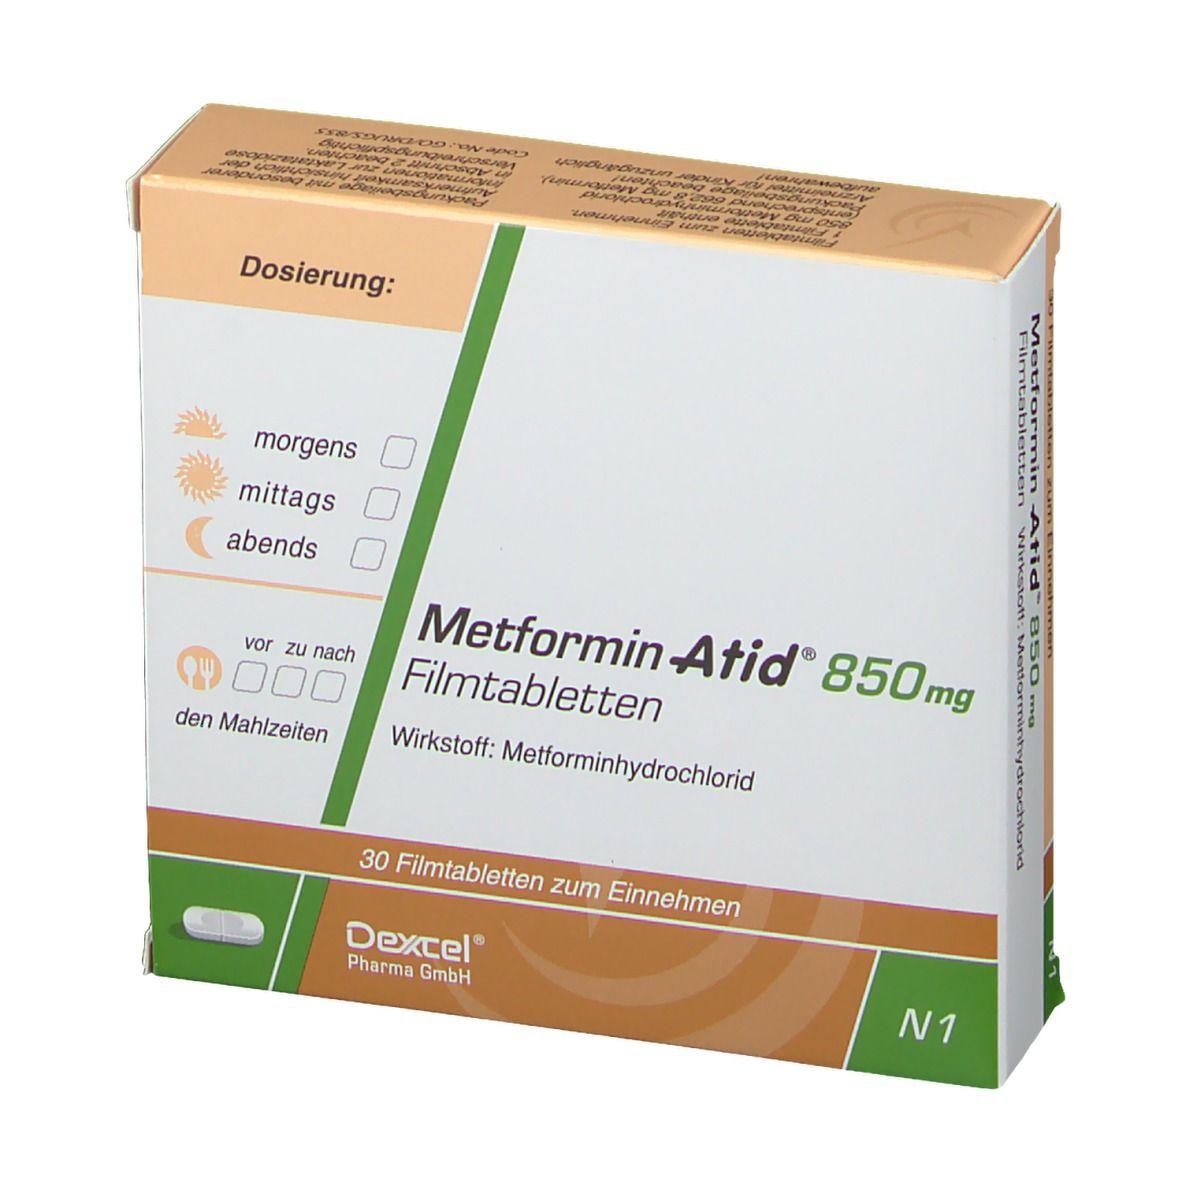 Metformin für Gewichtsverlust Dosierung Schriftart